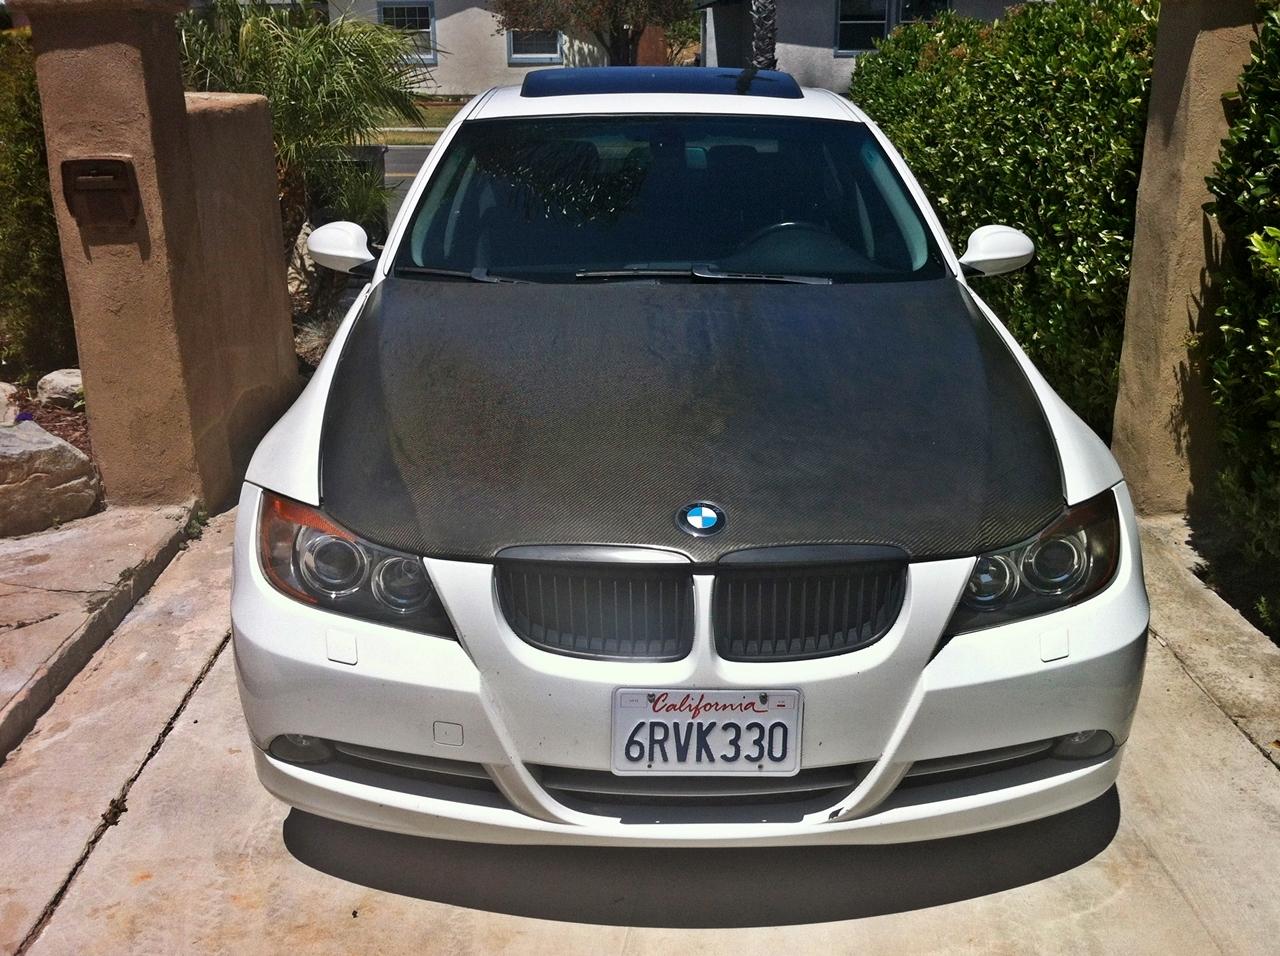 BMW 335D For Sale >> e90 Carbon Fiber hood for sale or trade for a regular white hood San Deigo area